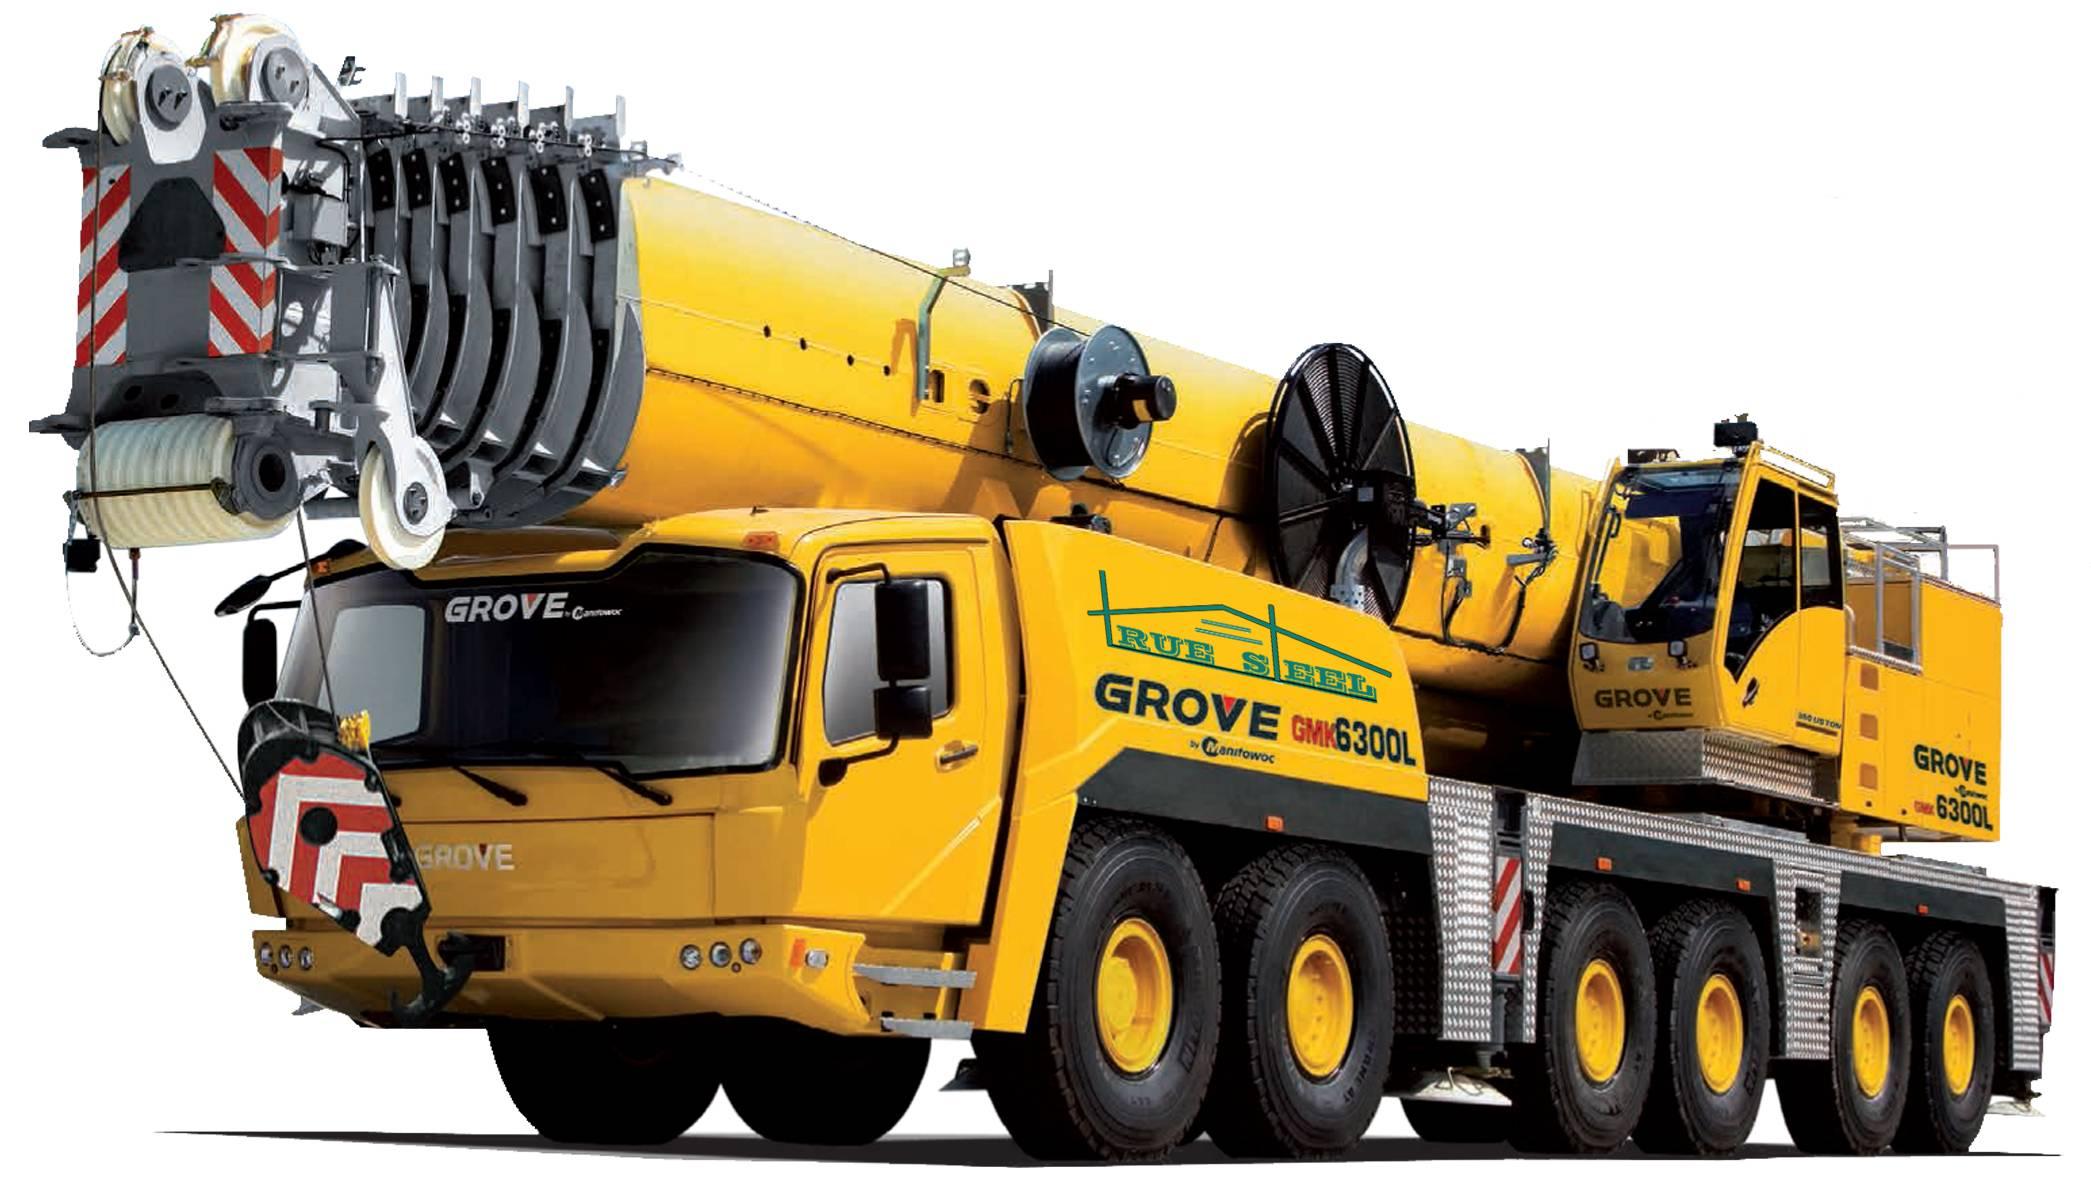 truesteel-cranes-GMK-6300L